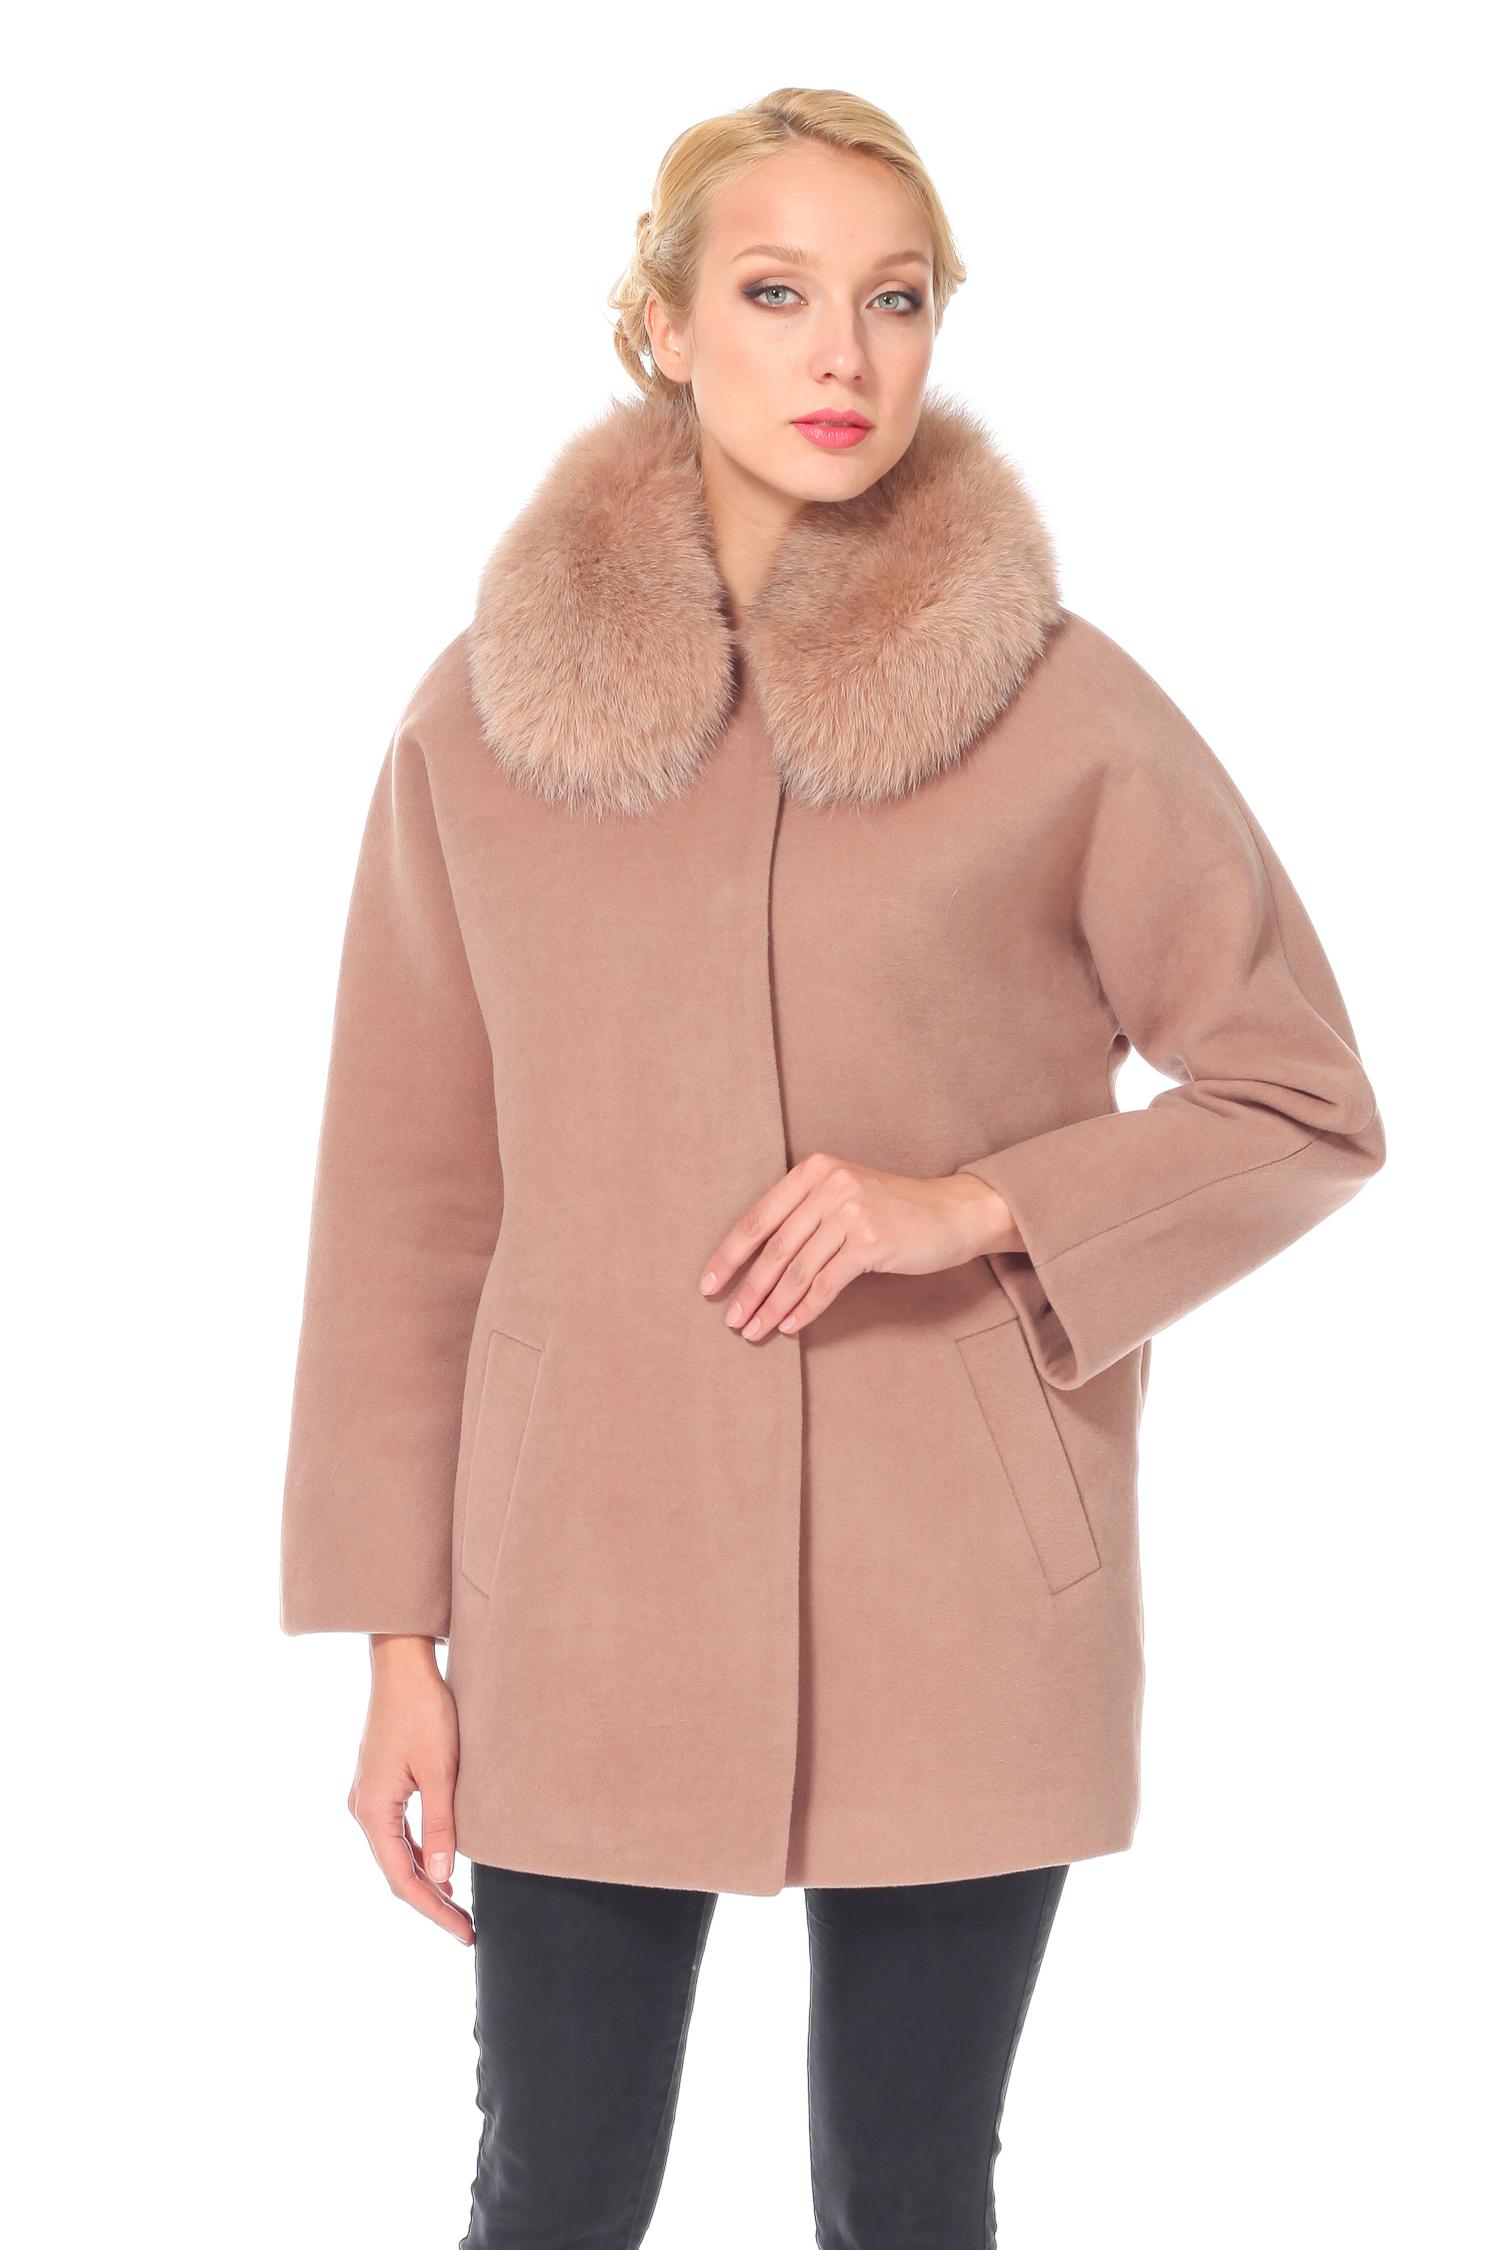 Женское пальто с воротником, отделка песец<br><br>Воротник: Обычный<br>Длина см: 80<br>Материал: 75% полиэстер 25% вискоза<br>Цвет: Бежевый<br>Вид застежки: Песец<br>Пол: Женский